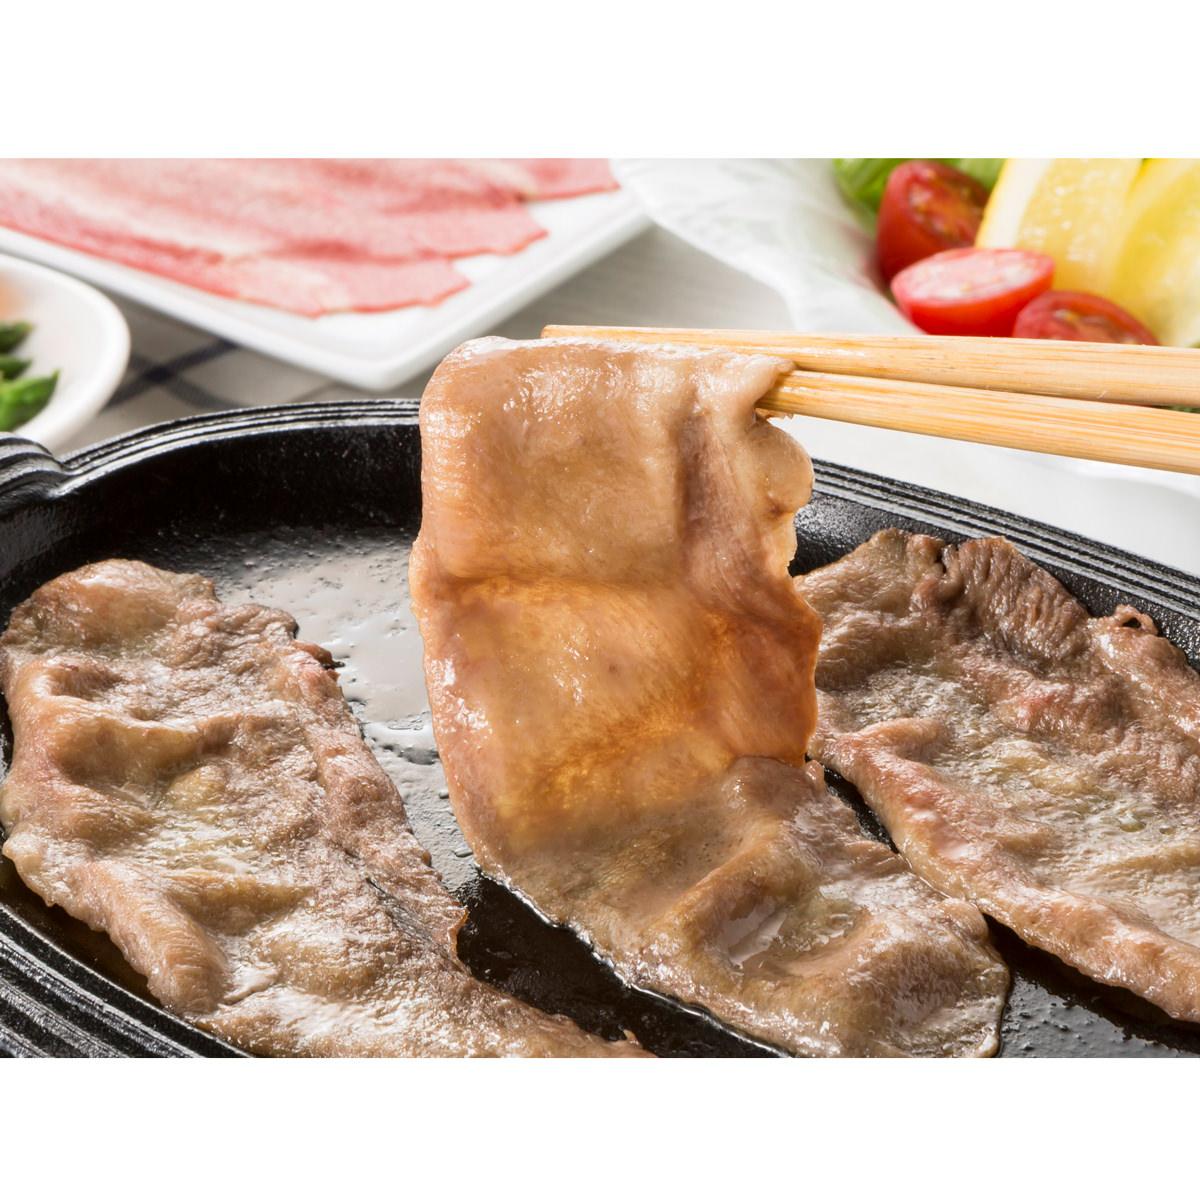 牛タンしゃぶしゃぶセット300g 〔牛タンスライス300g、くめなん柚子塩ぽん酢200g〕 岡山県 牛肉料理